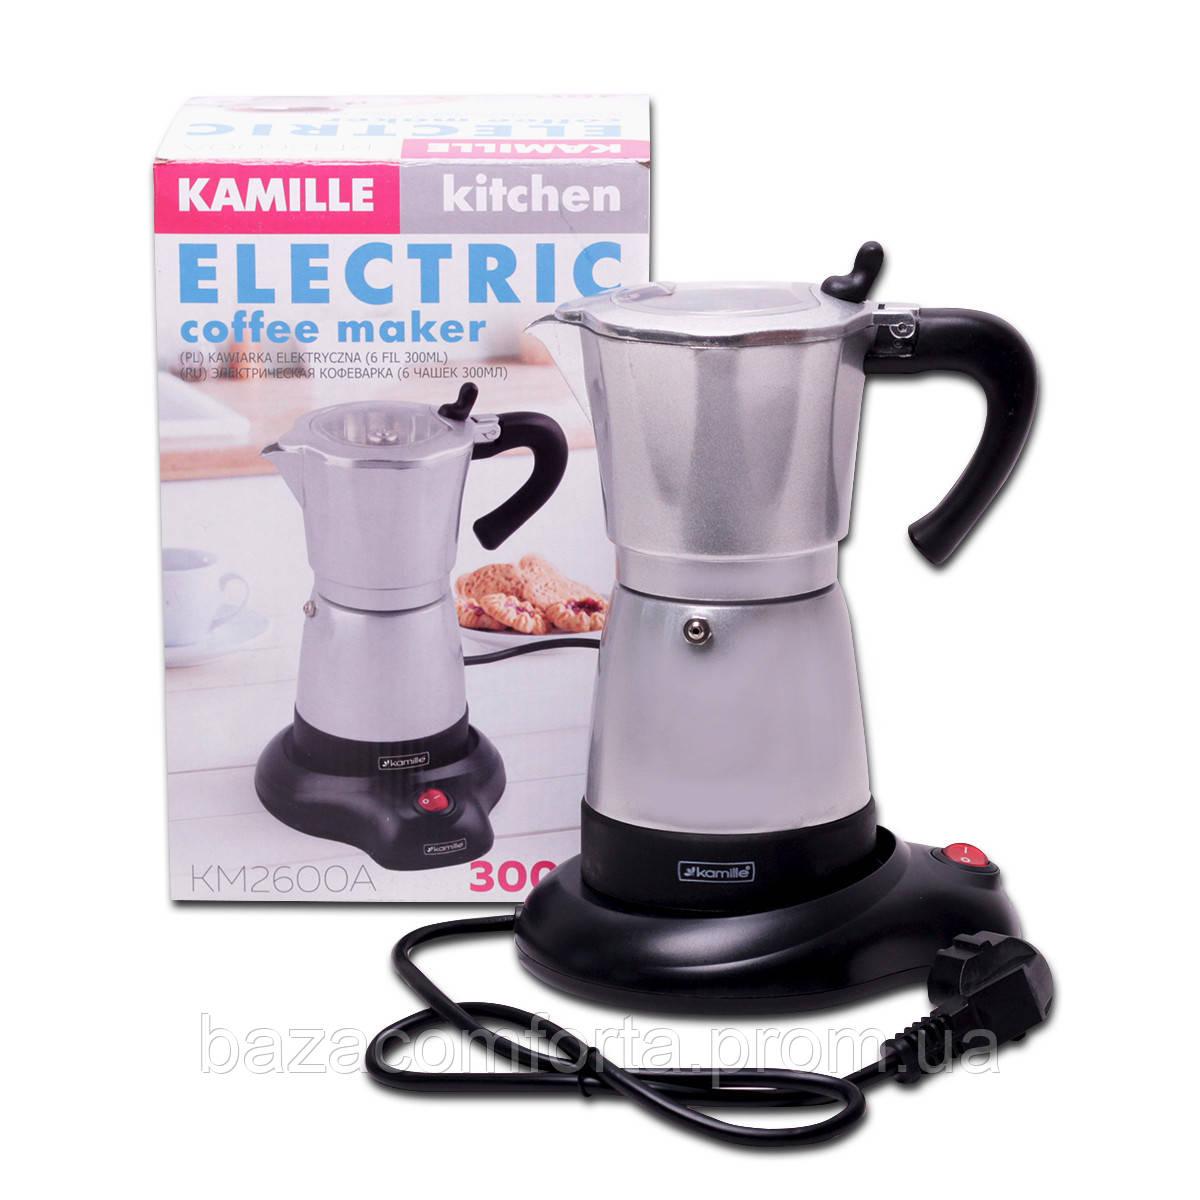 Кофеварка электрическая гейзерная Kamille 300мл из алюминия